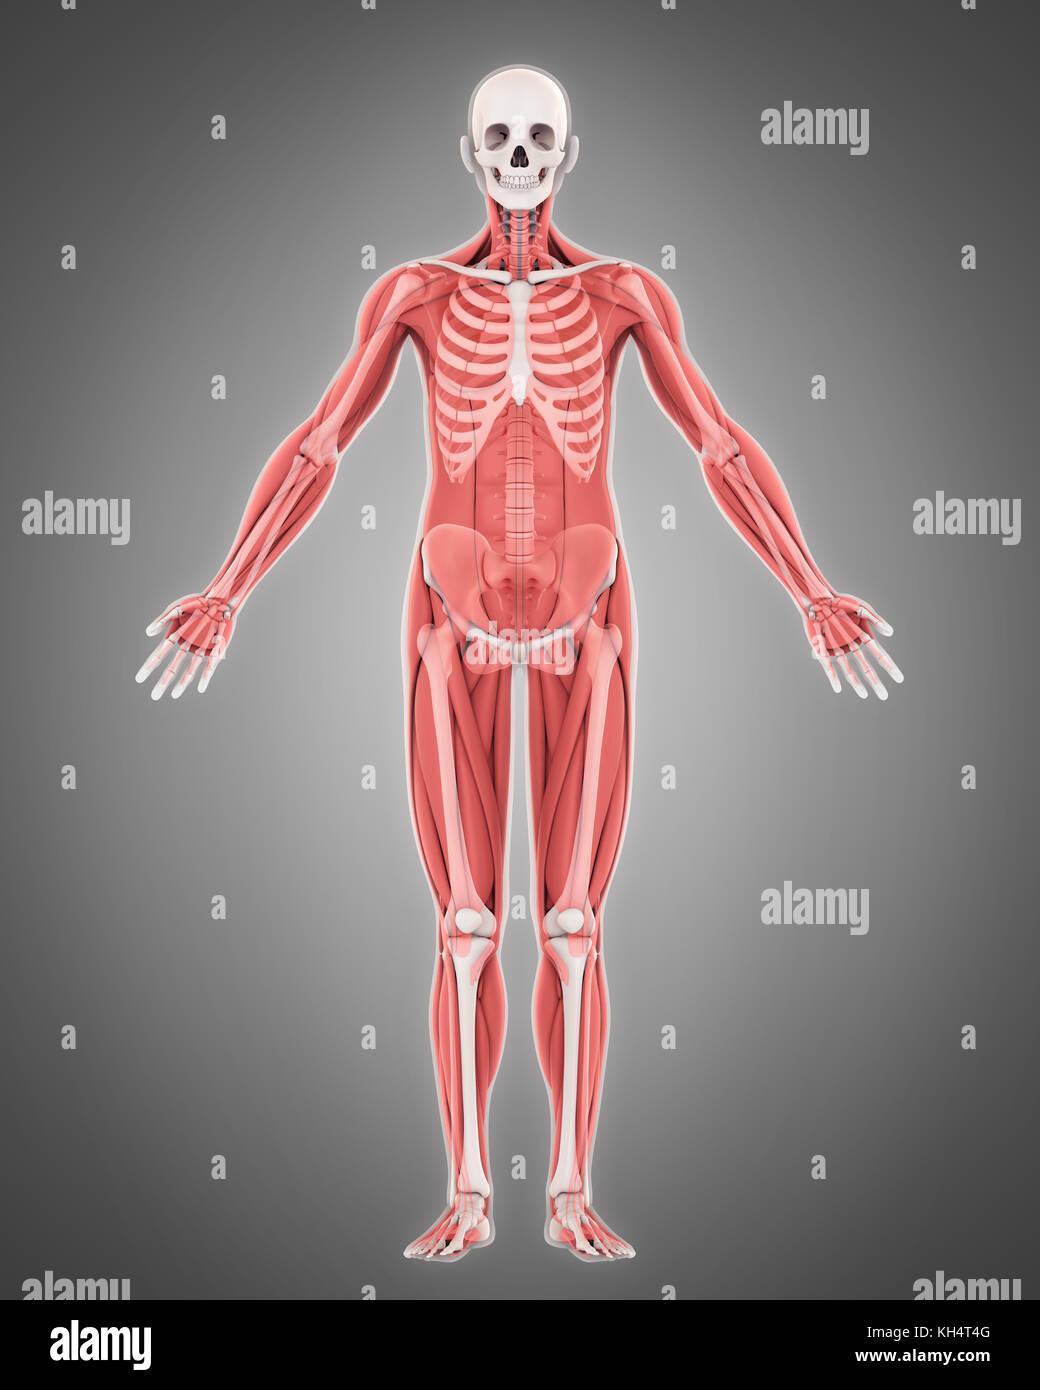 Menschliches Skelett und Muskel Anatomie Stockfoto, Bild: 165449216 ...